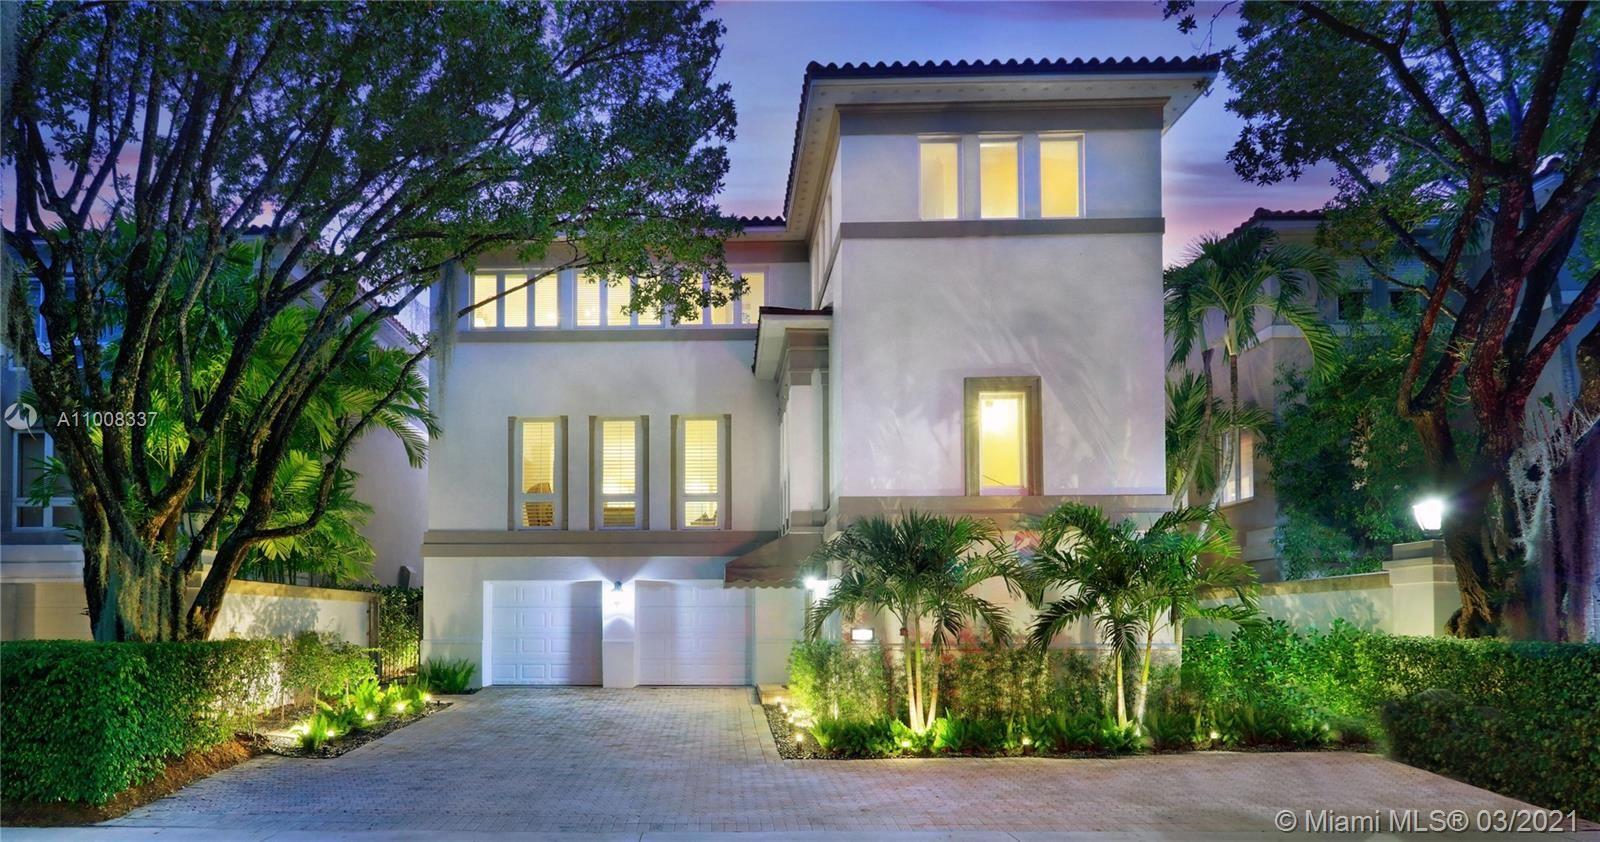 3520 Bayshore Villas Dr, Miami, FL 33133 - #: A11008337